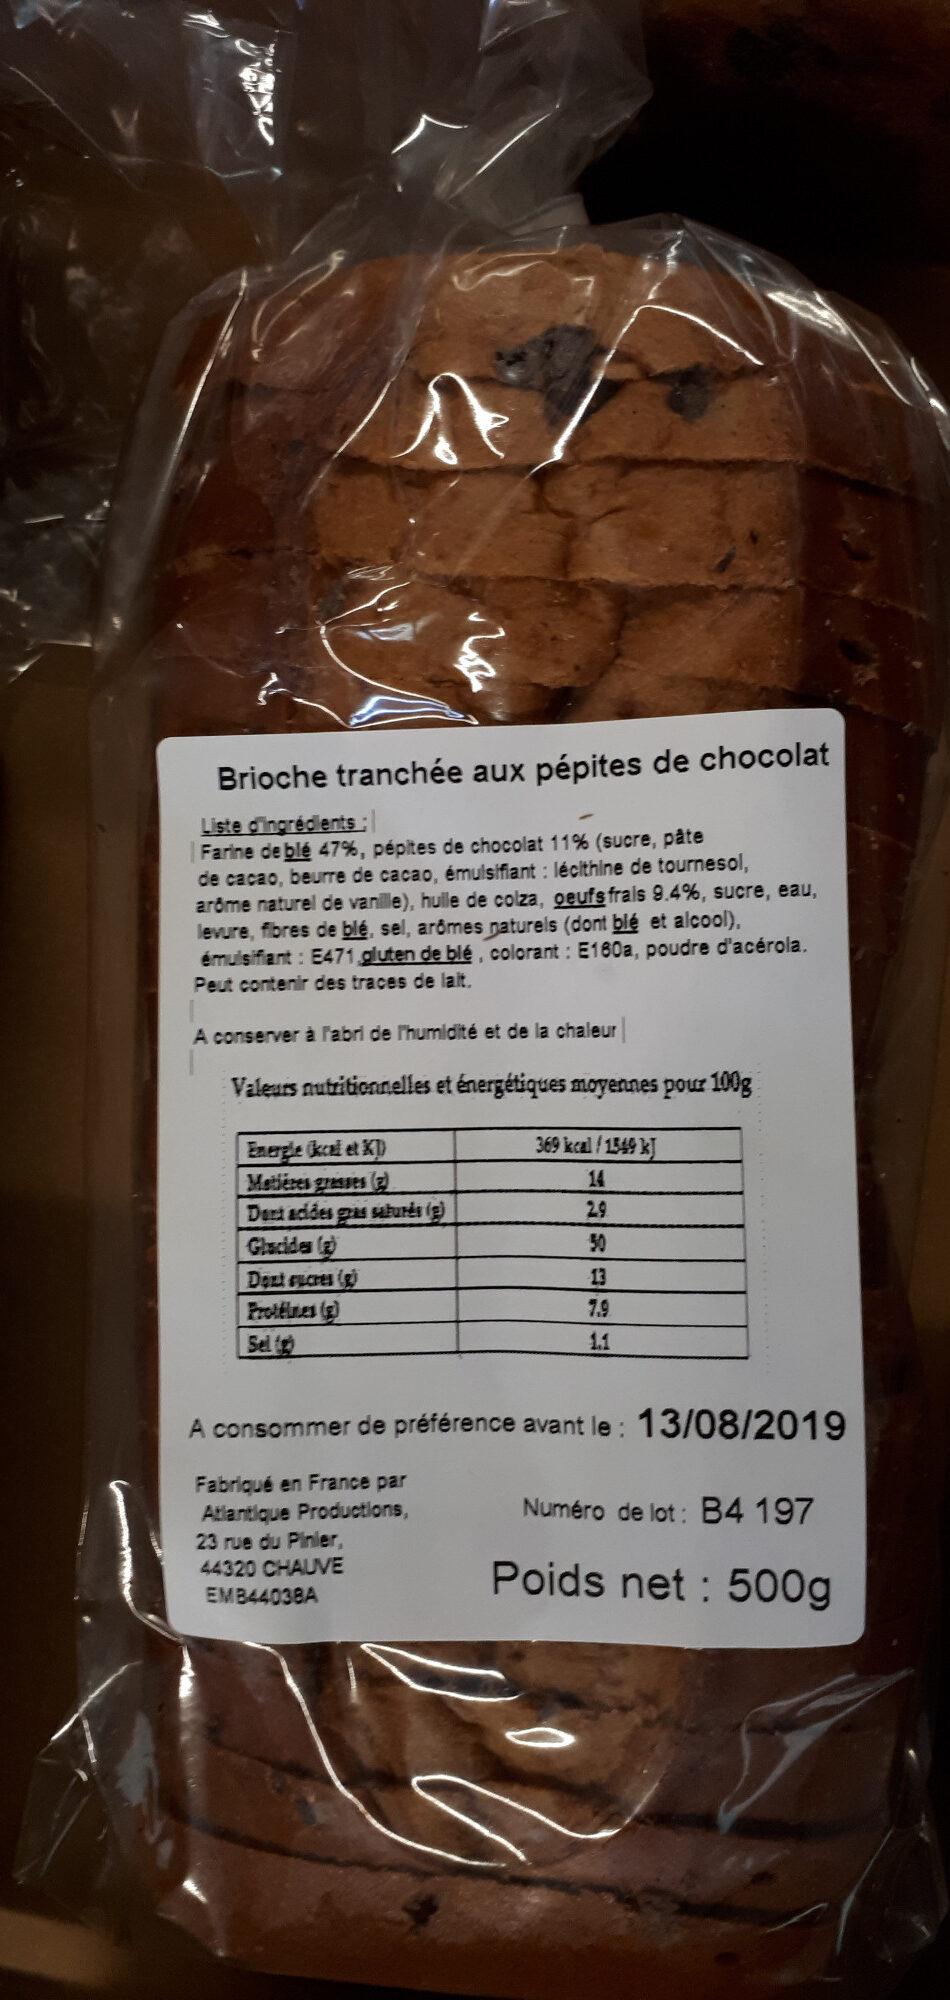 Brioche tranchée aux pépites de chocolat - Product